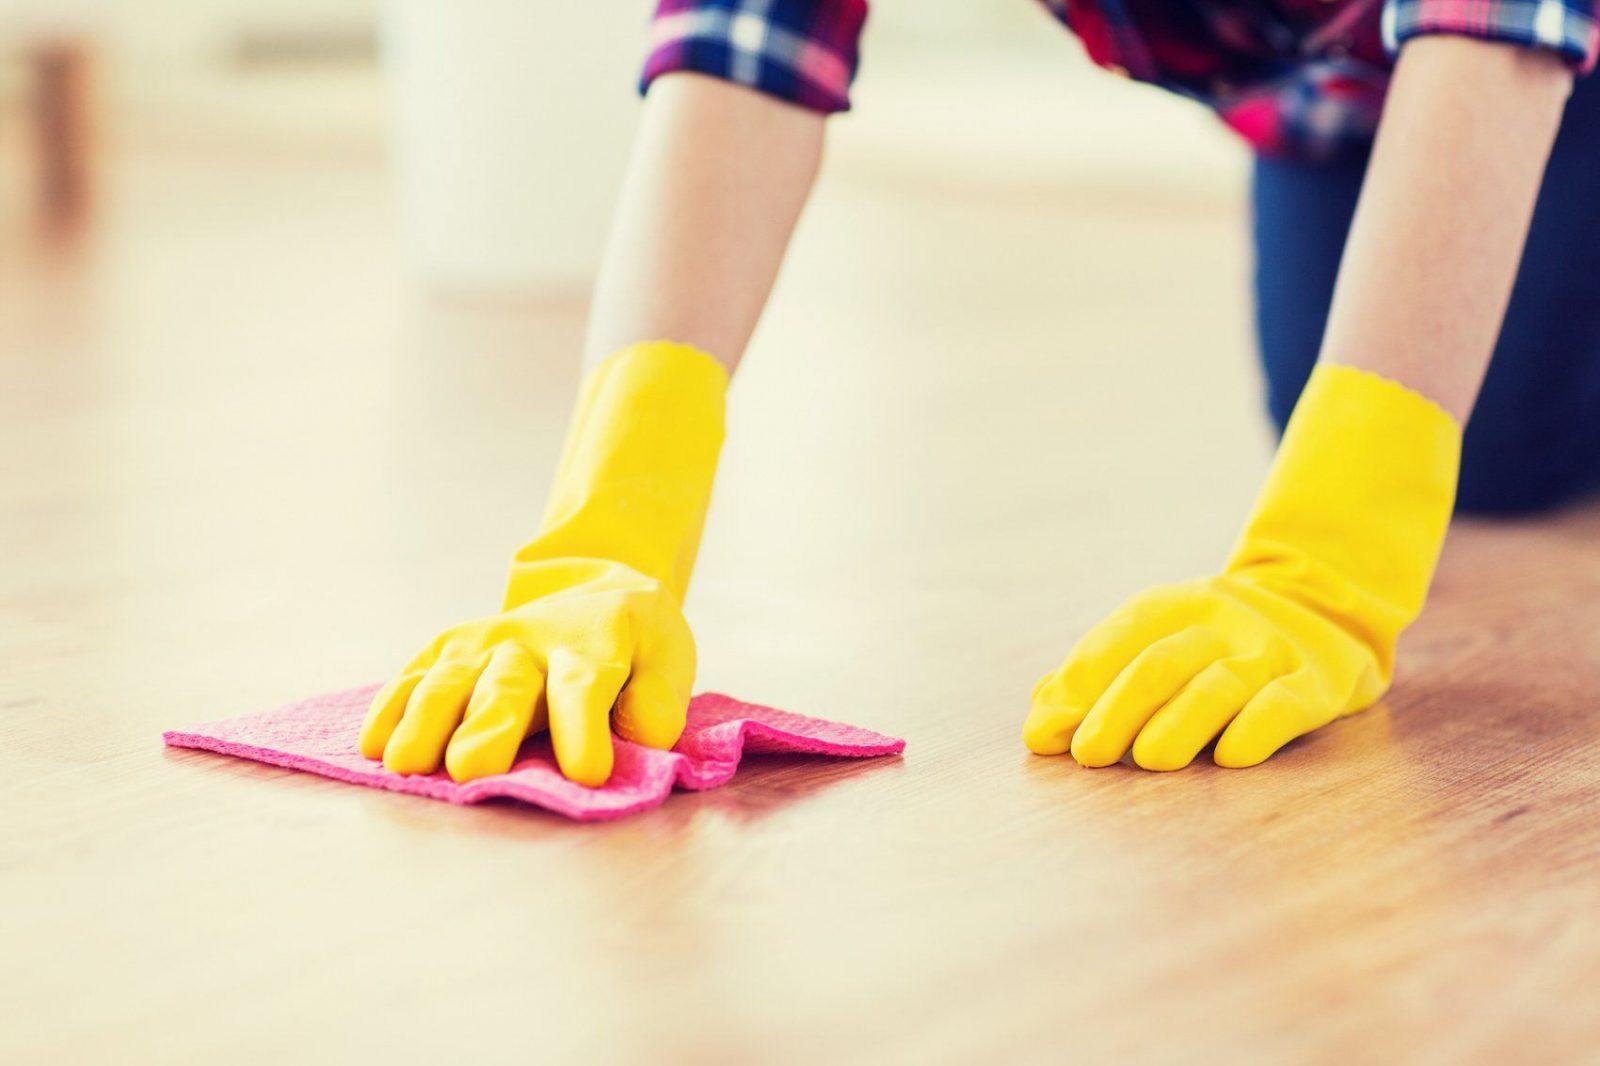 Katzenurin Entfernen  Das Hilft Gegen Geruch Und Flecken  Smart von Katzenurin Aus Teppich Entfernen Bild